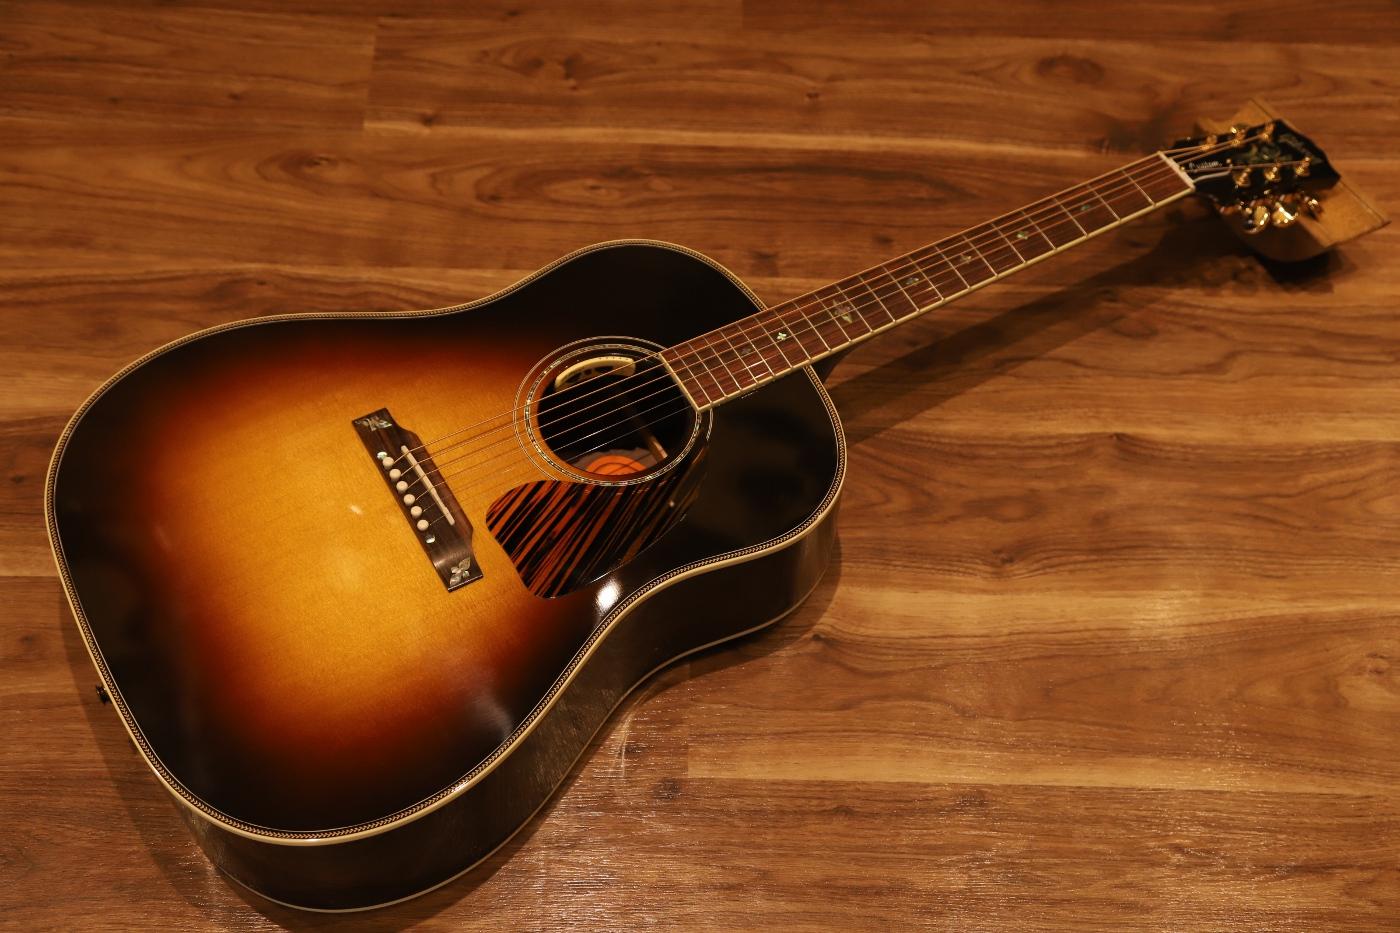 【送料無料】Gibson J-45 Custom Special Flower Inlay w/Anthem ギブソン フラワーインレイ スペシャルモデル【即納可能♪】